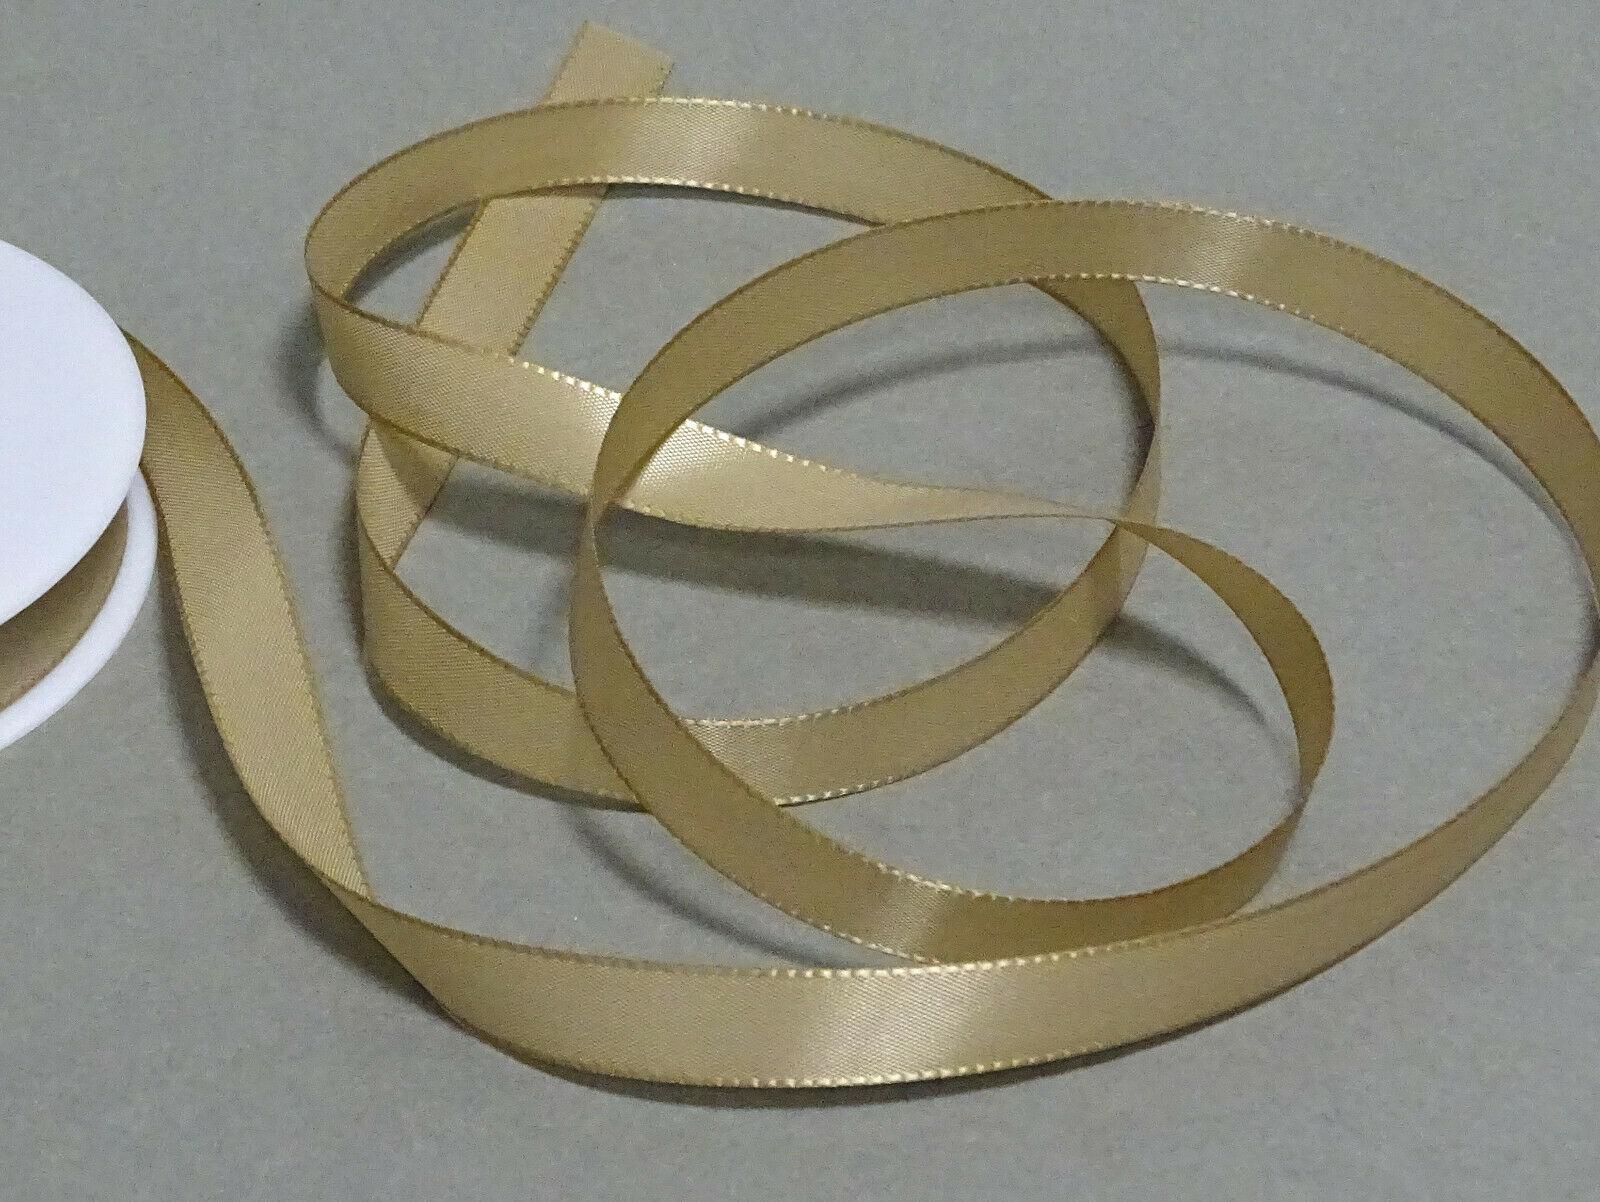 Seidenband Schleifenband 50 m x 15 mm / 40 mm Dekoband ab 0,08 €/m Geschenkband  - Cappuccino103, 40 mm x 50 m